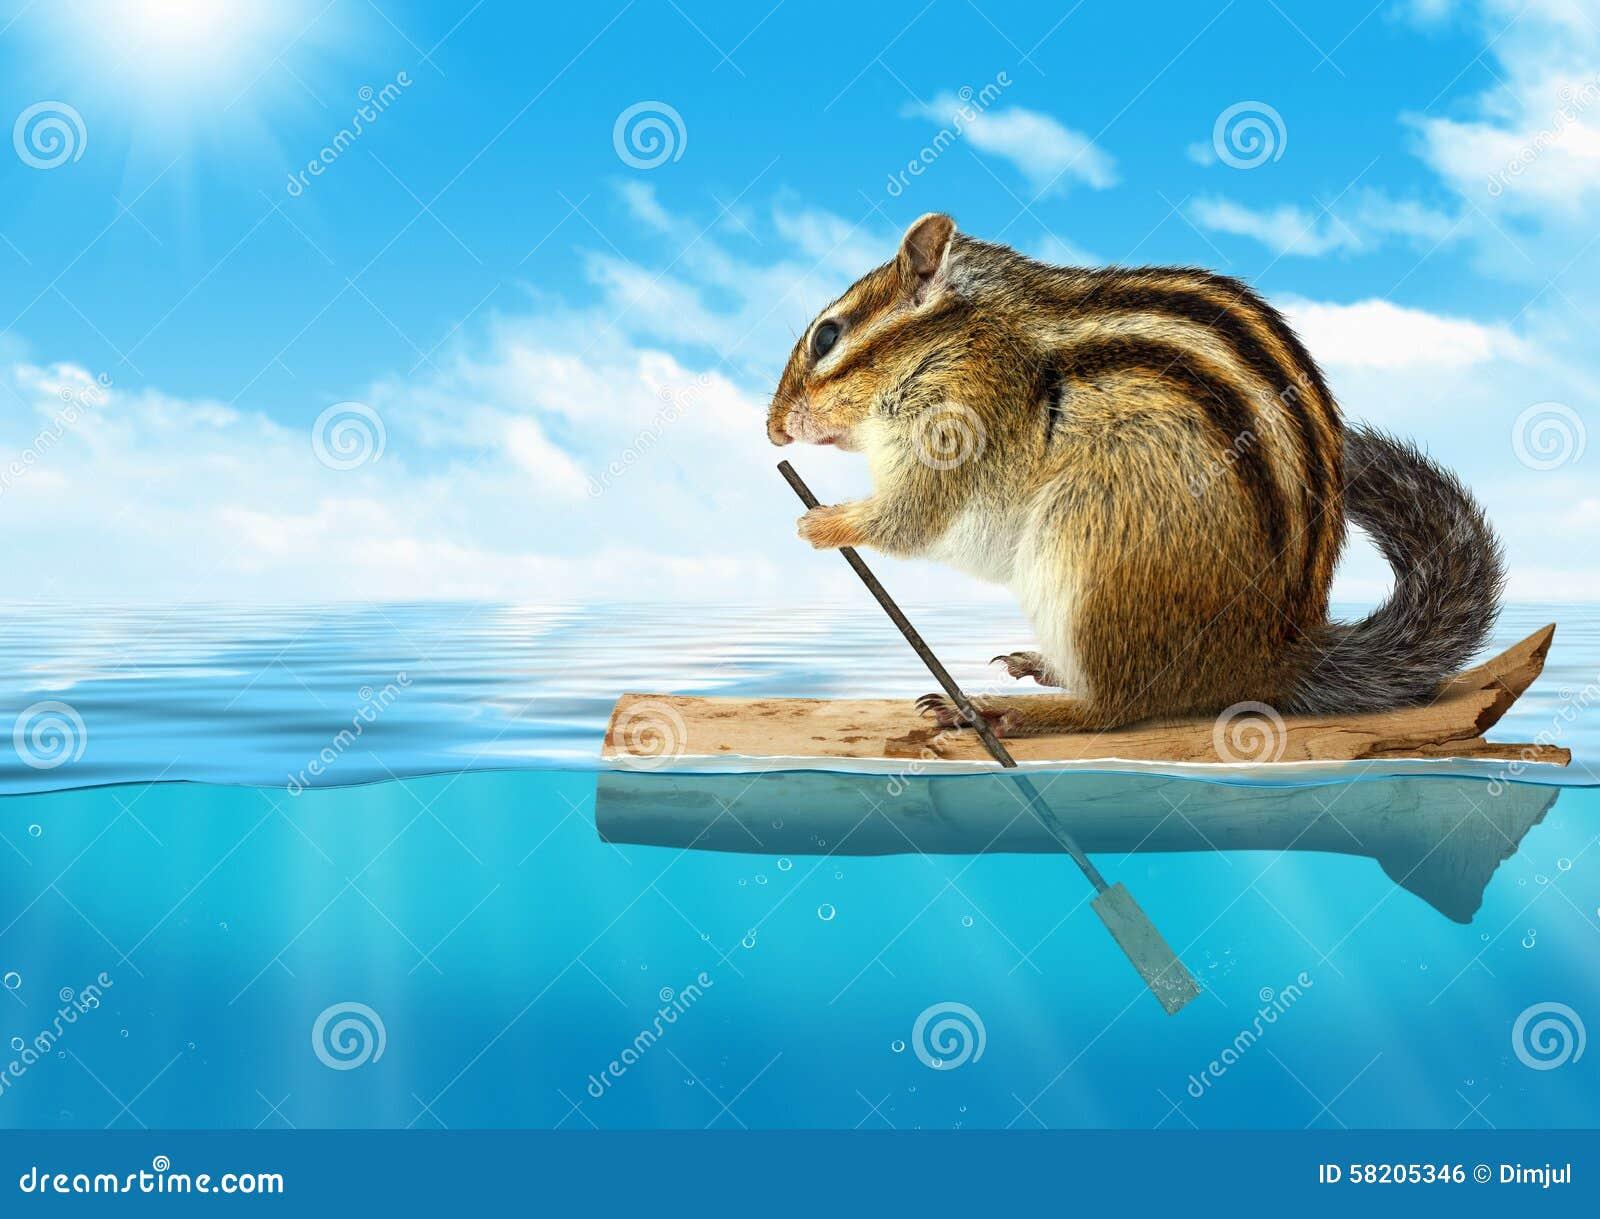 Animal divertido, ardilla listada que flota en el océano, concepto del viaje